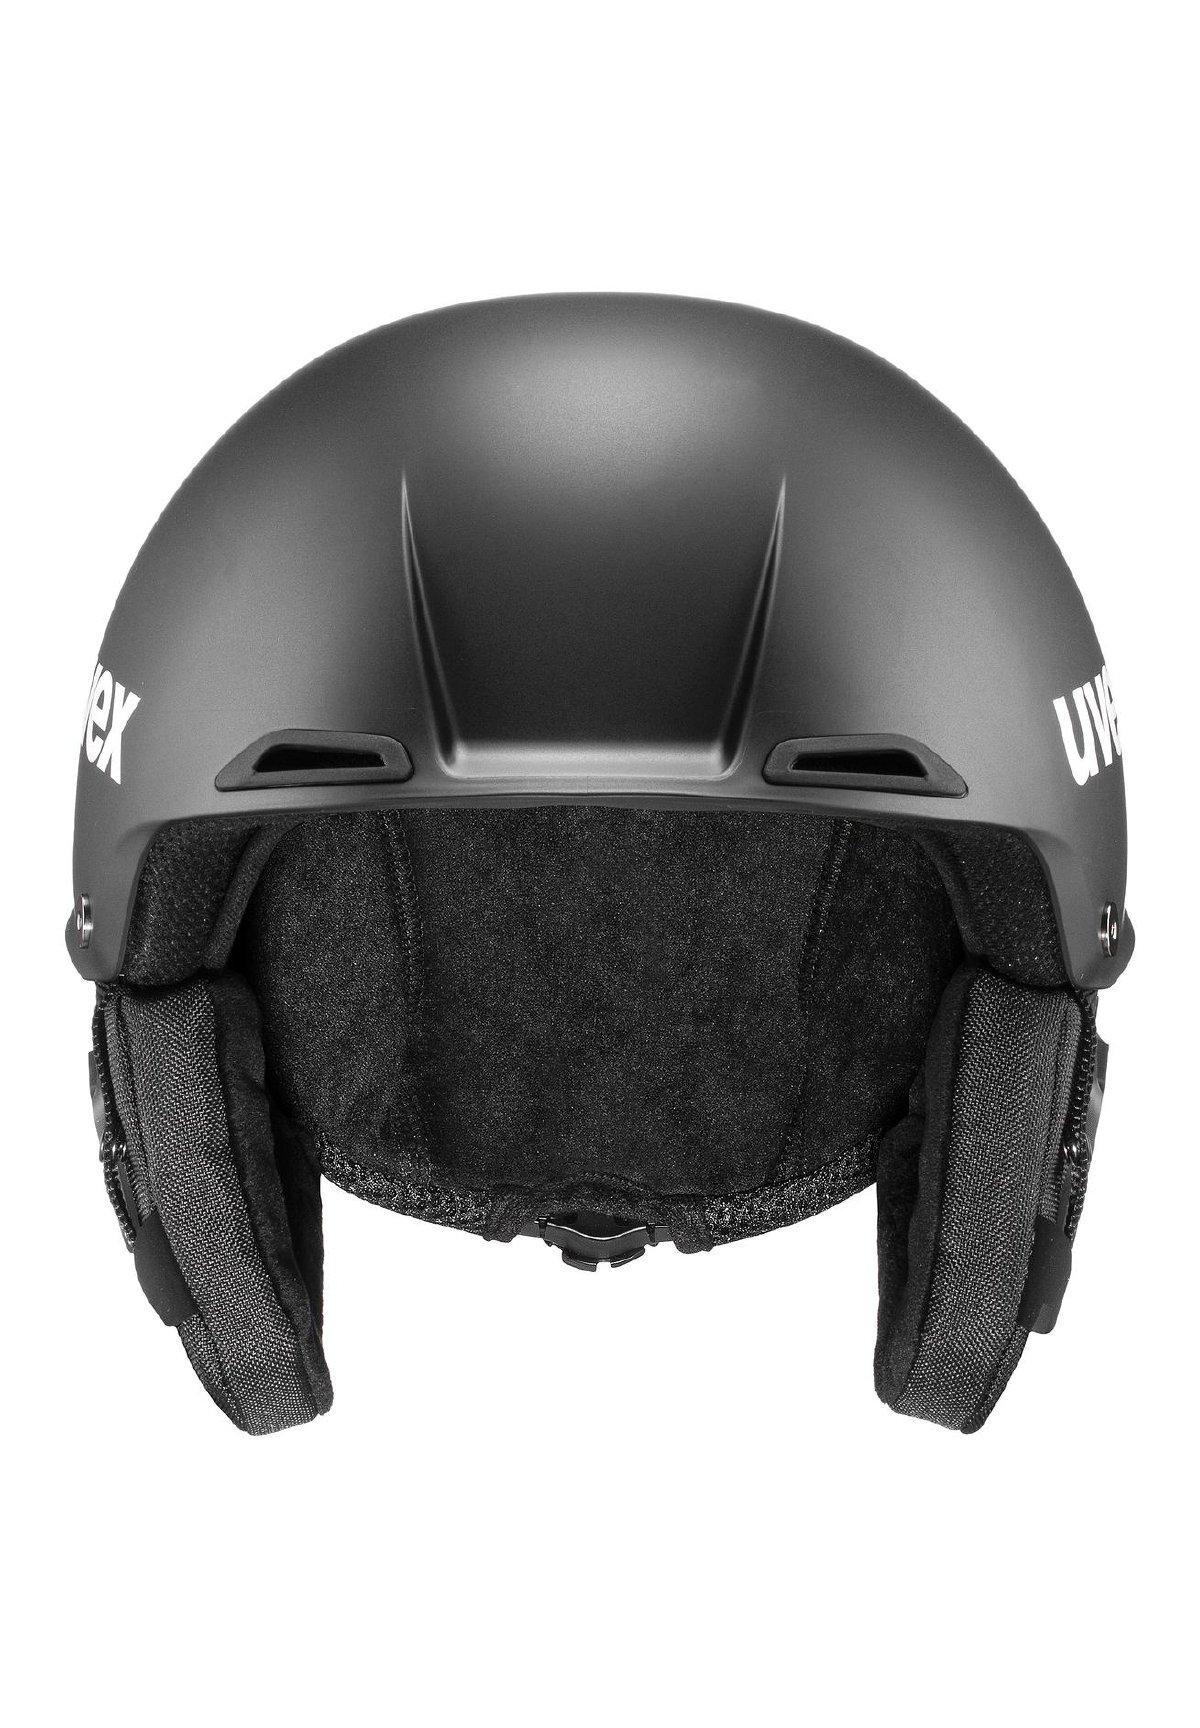 Herren Helm - black mat